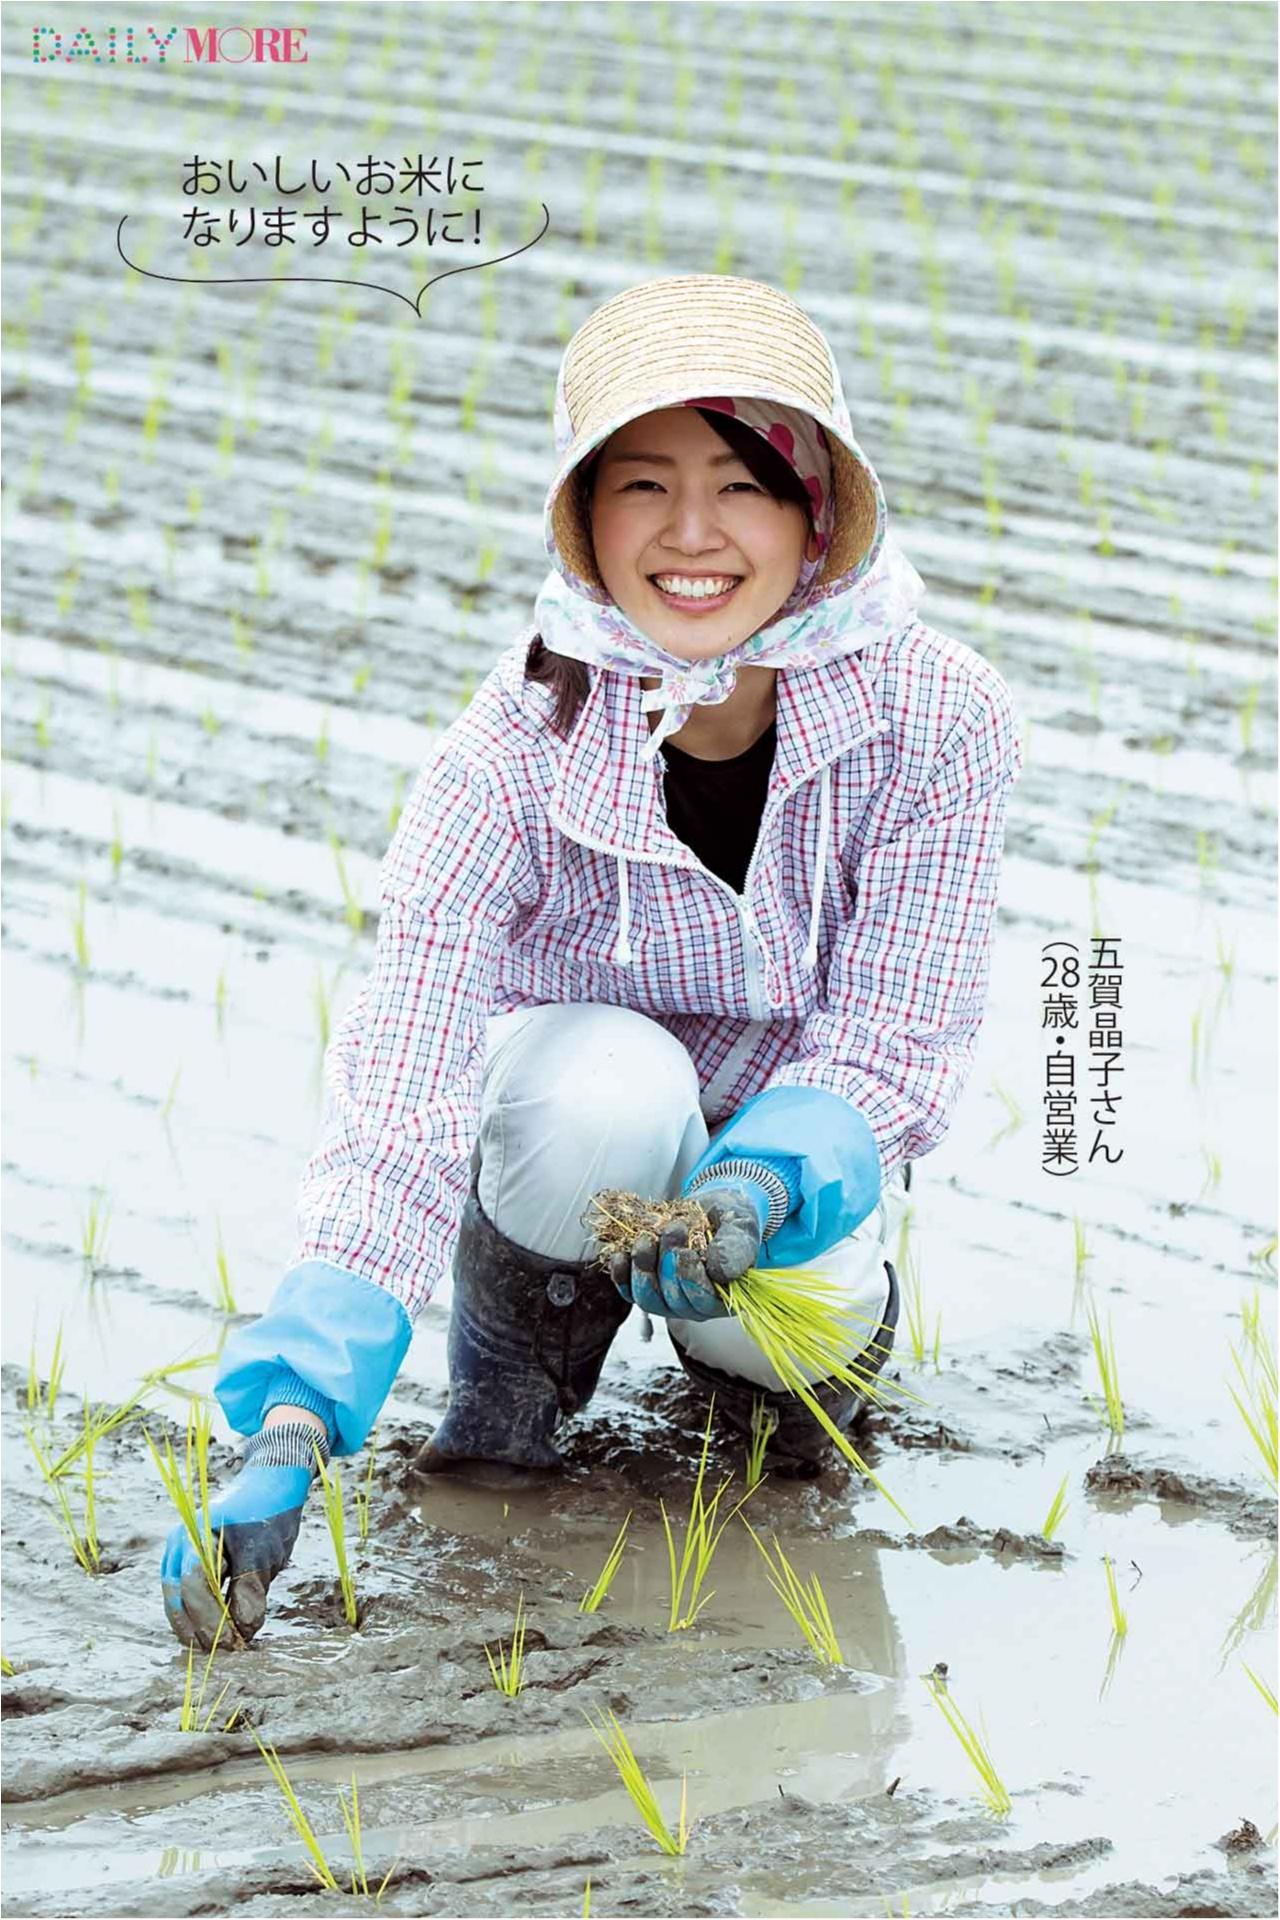 【動画もチェック】 はじめての「田植え」に密着! ひと粒のお米に込める愛情と手間ひま【#モアチャレ 農業女子チャレンジ】_1